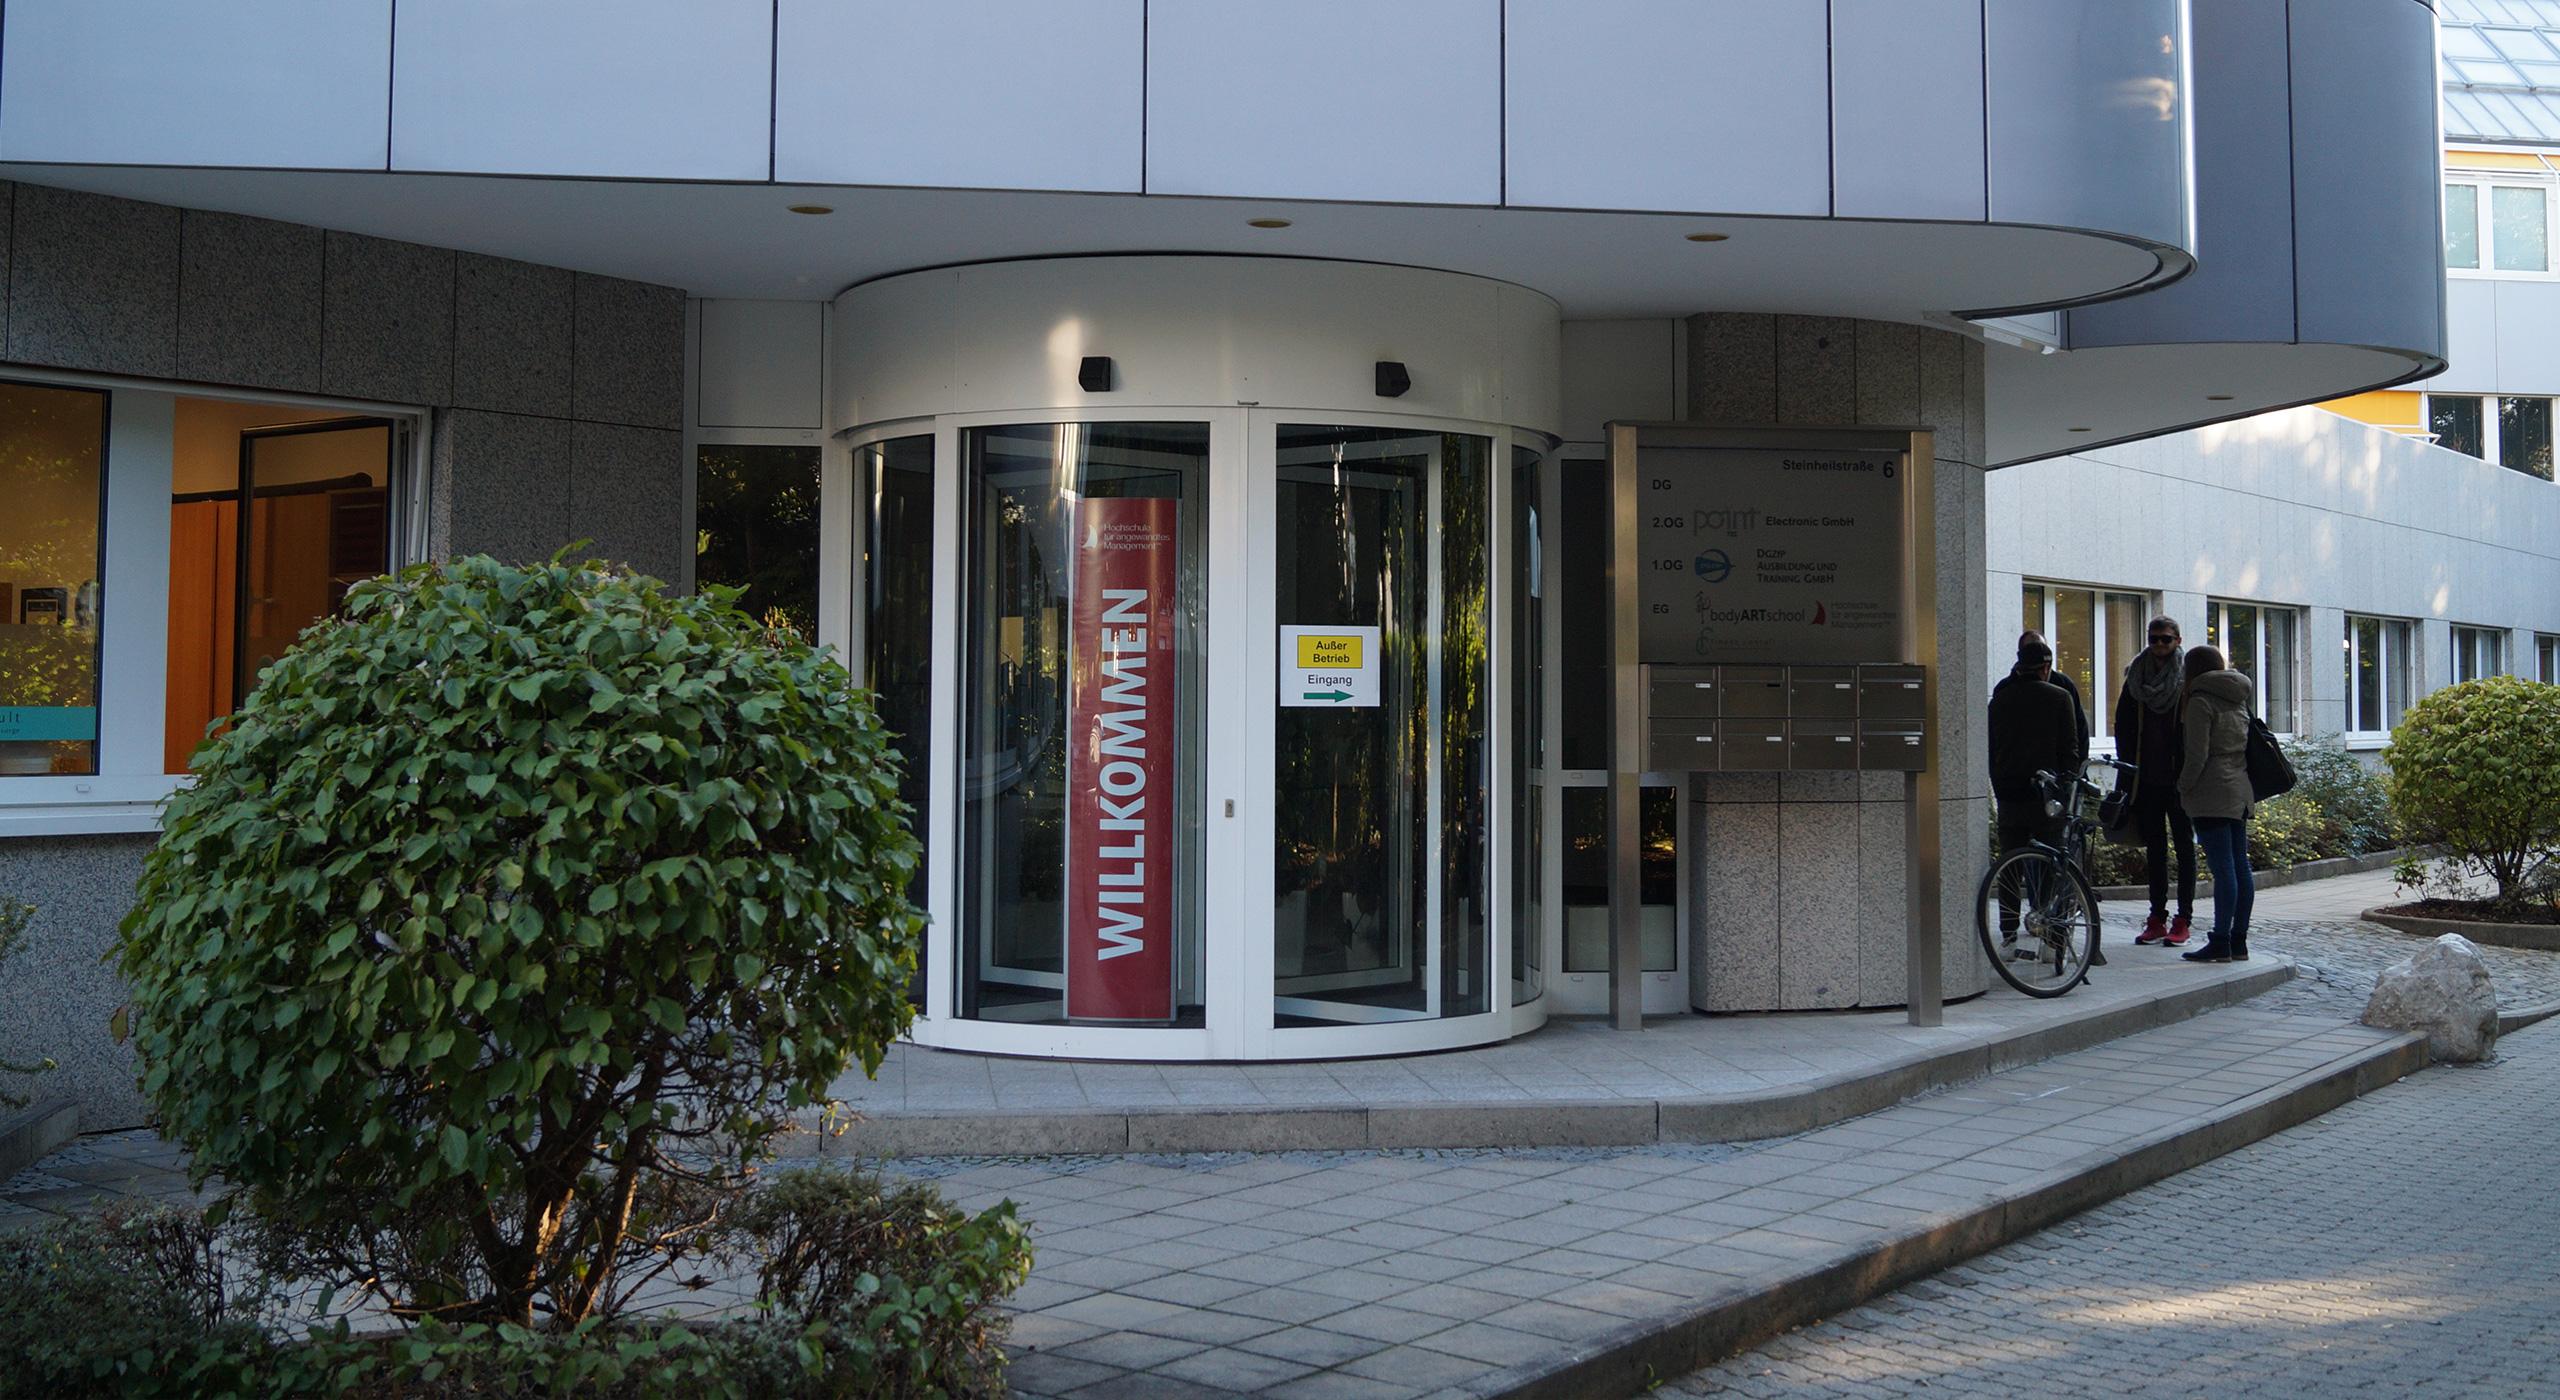 Eingang Gebäude mit Personen